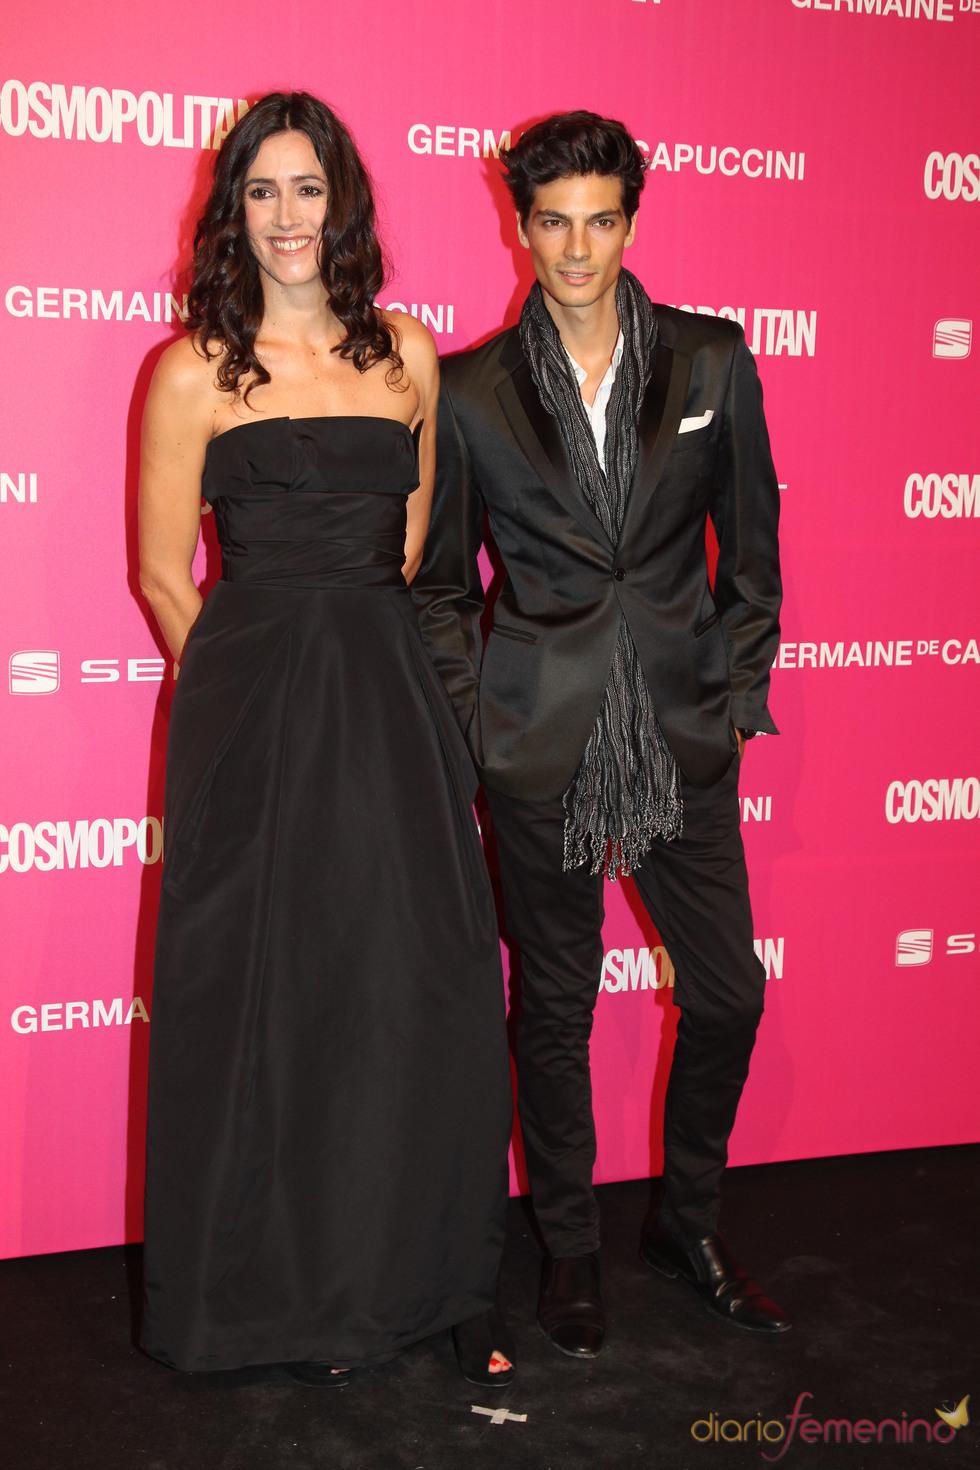 Javier de Miguel, mejor modelo en los Premios Cosmopolitan 2010